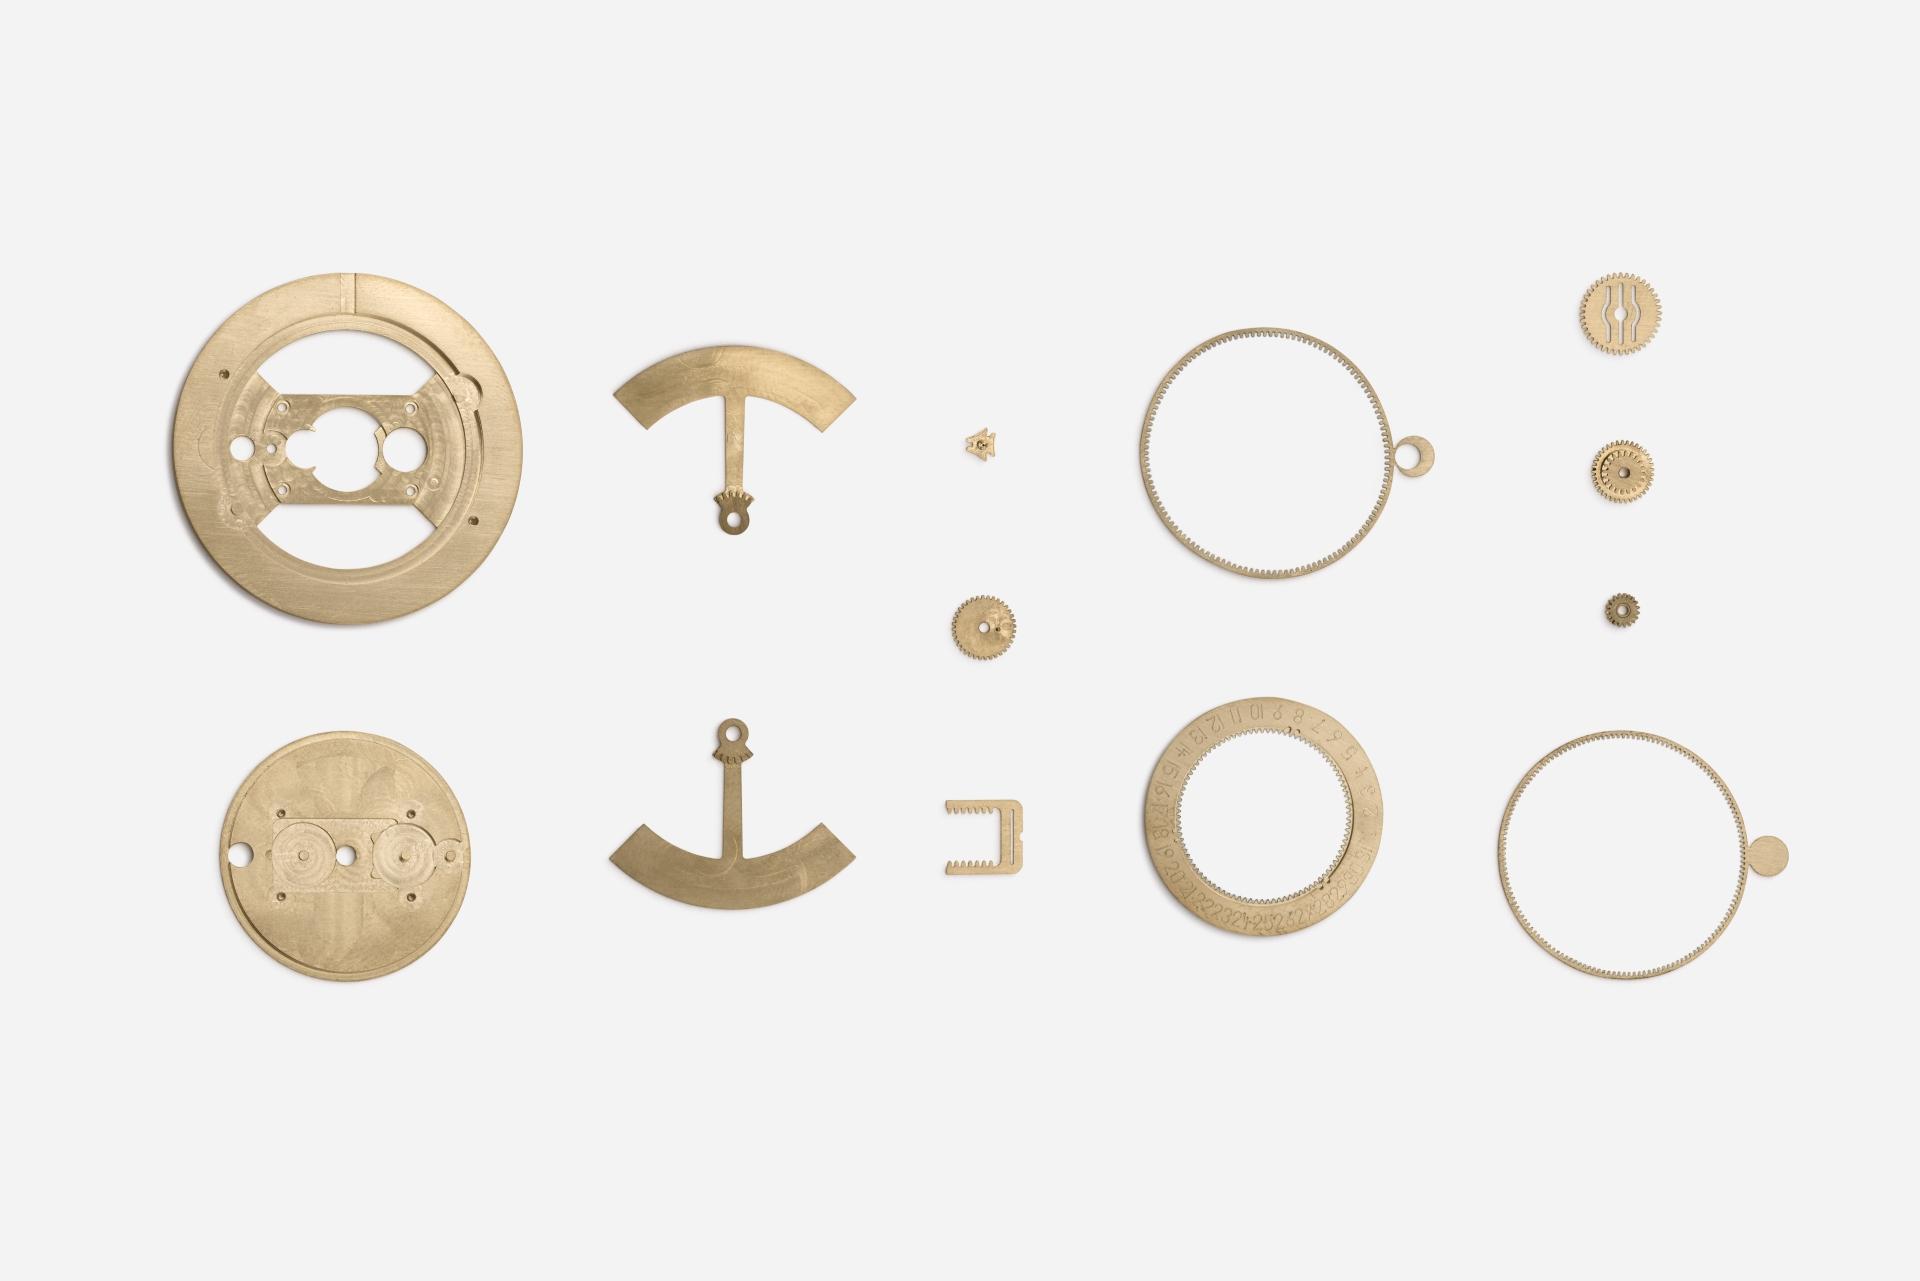 Diese 13 Komponenten ermöglichen die astronomischen Anzeigen der neuen tag/nacht von ochs und junior.